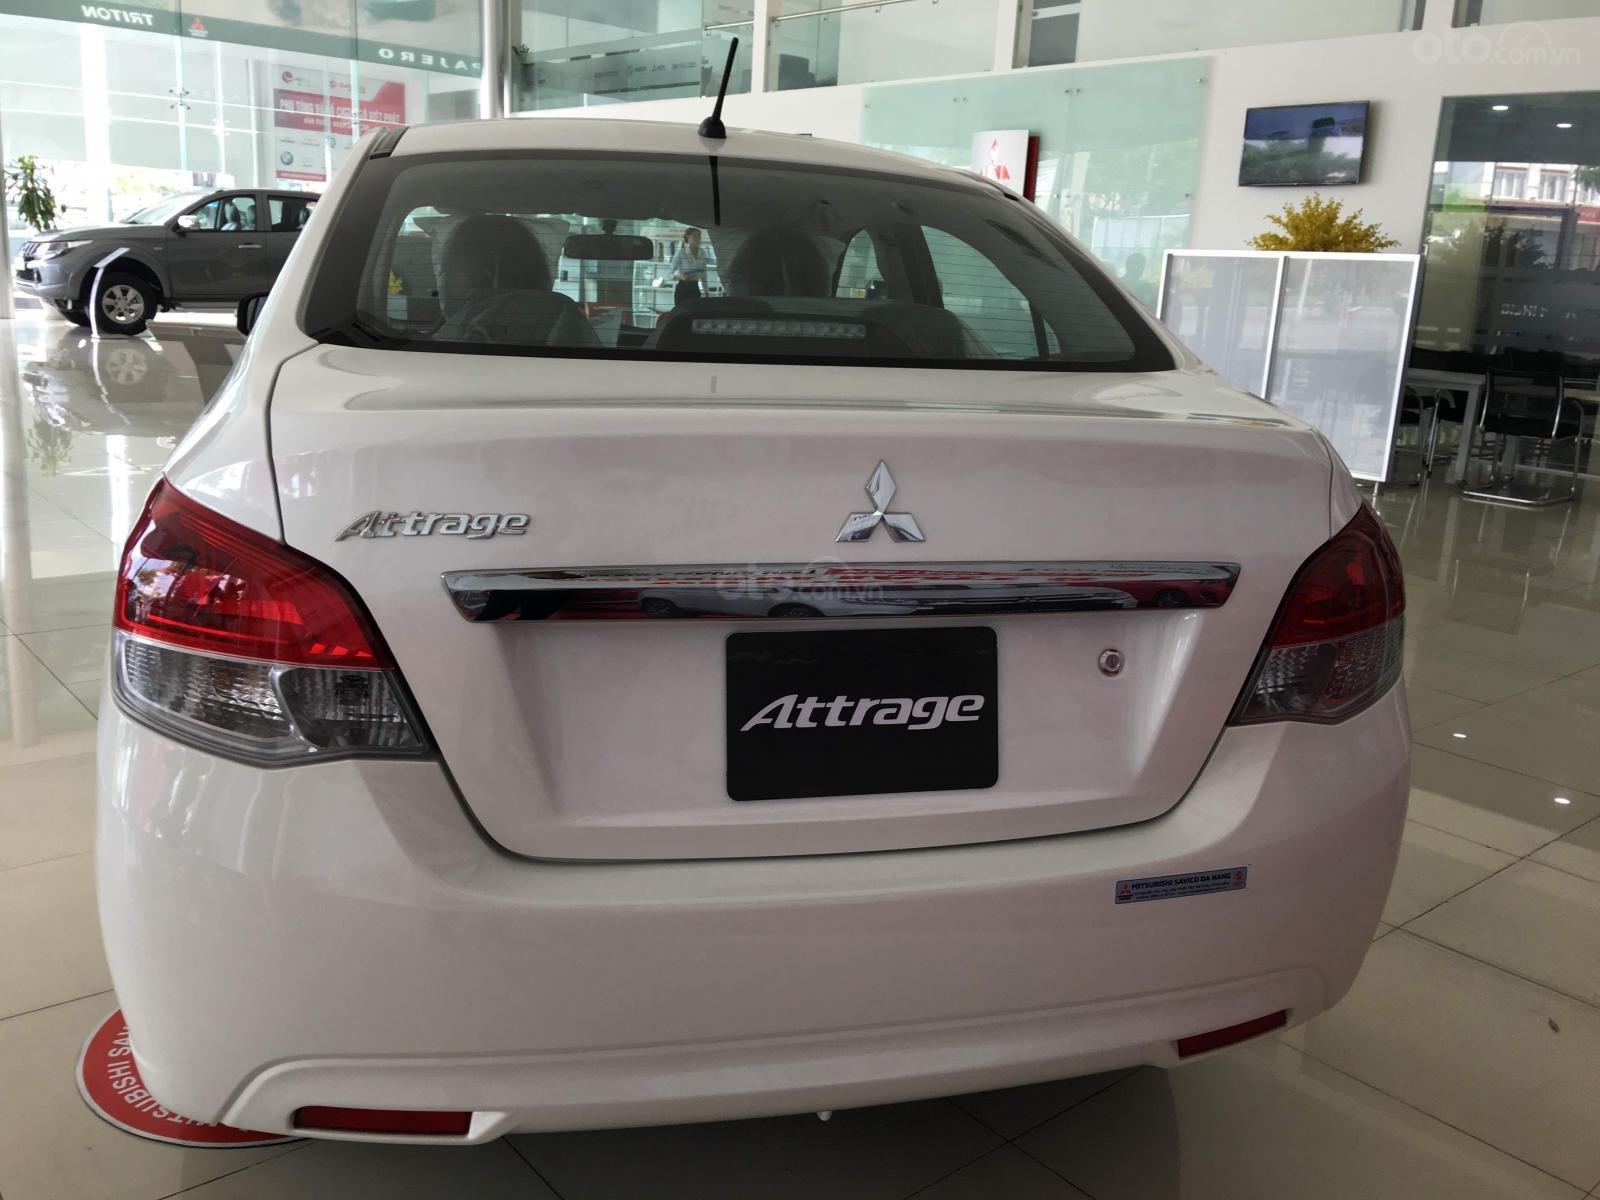 Bán xe Mitsubishi Attrage MT Eco 2019, siêu tiết kiệm 4l/100km, xe nhập, LH: 0935.782.728 (5)